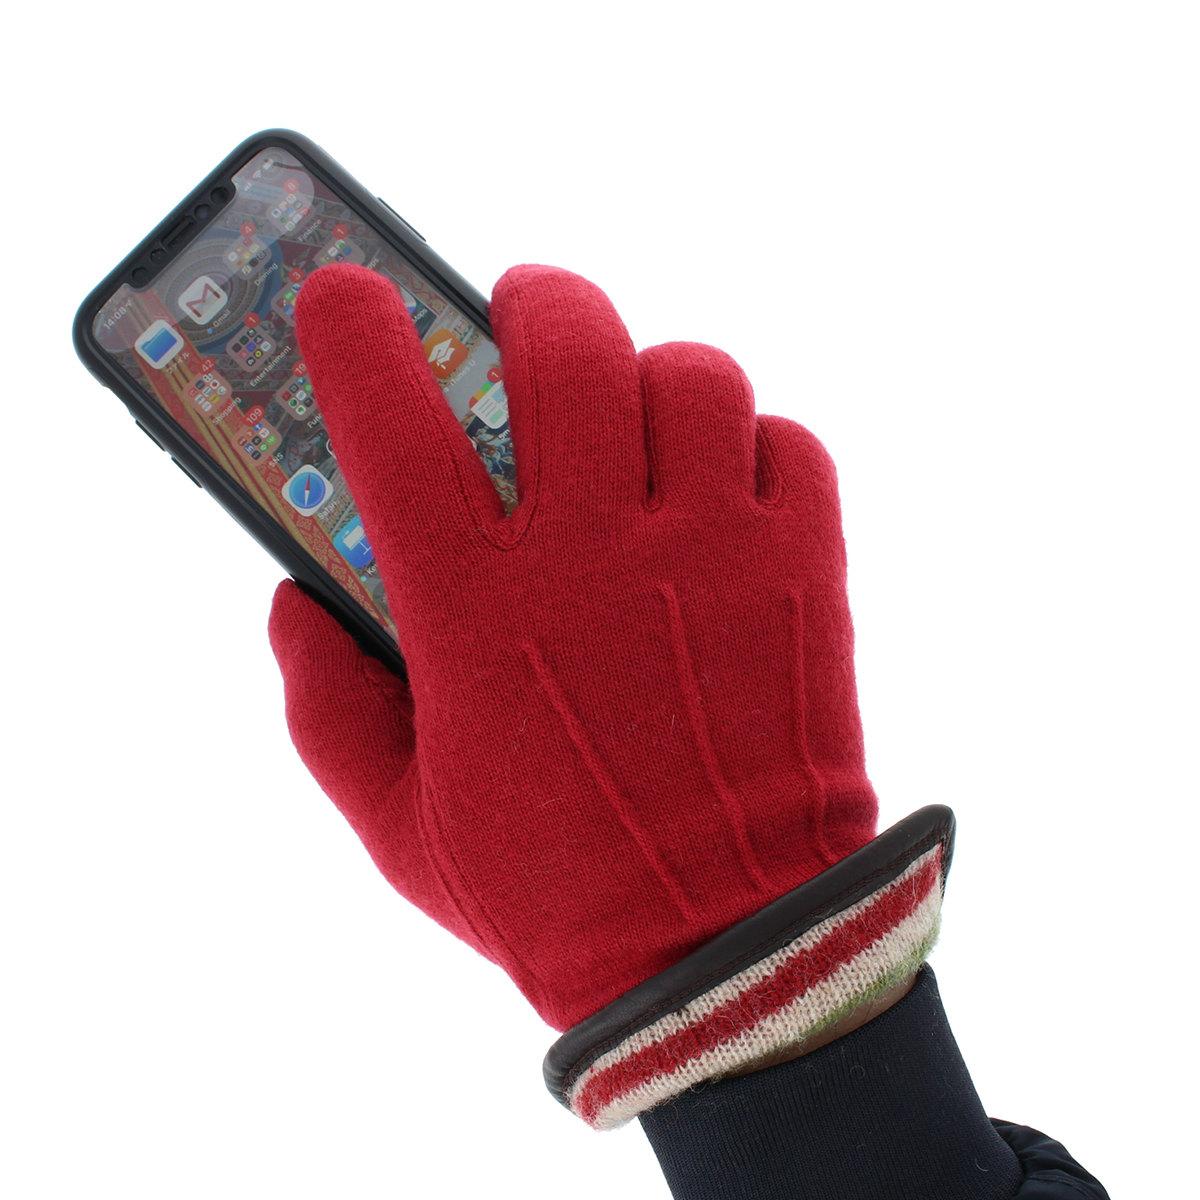 メンズ手袋 スマホ対応 人気ブランド オロビアンコ orobianco 男性用 防寒 暖か シンプル ウール混 裏地付 通勤 ペアギフト ペアコーデ